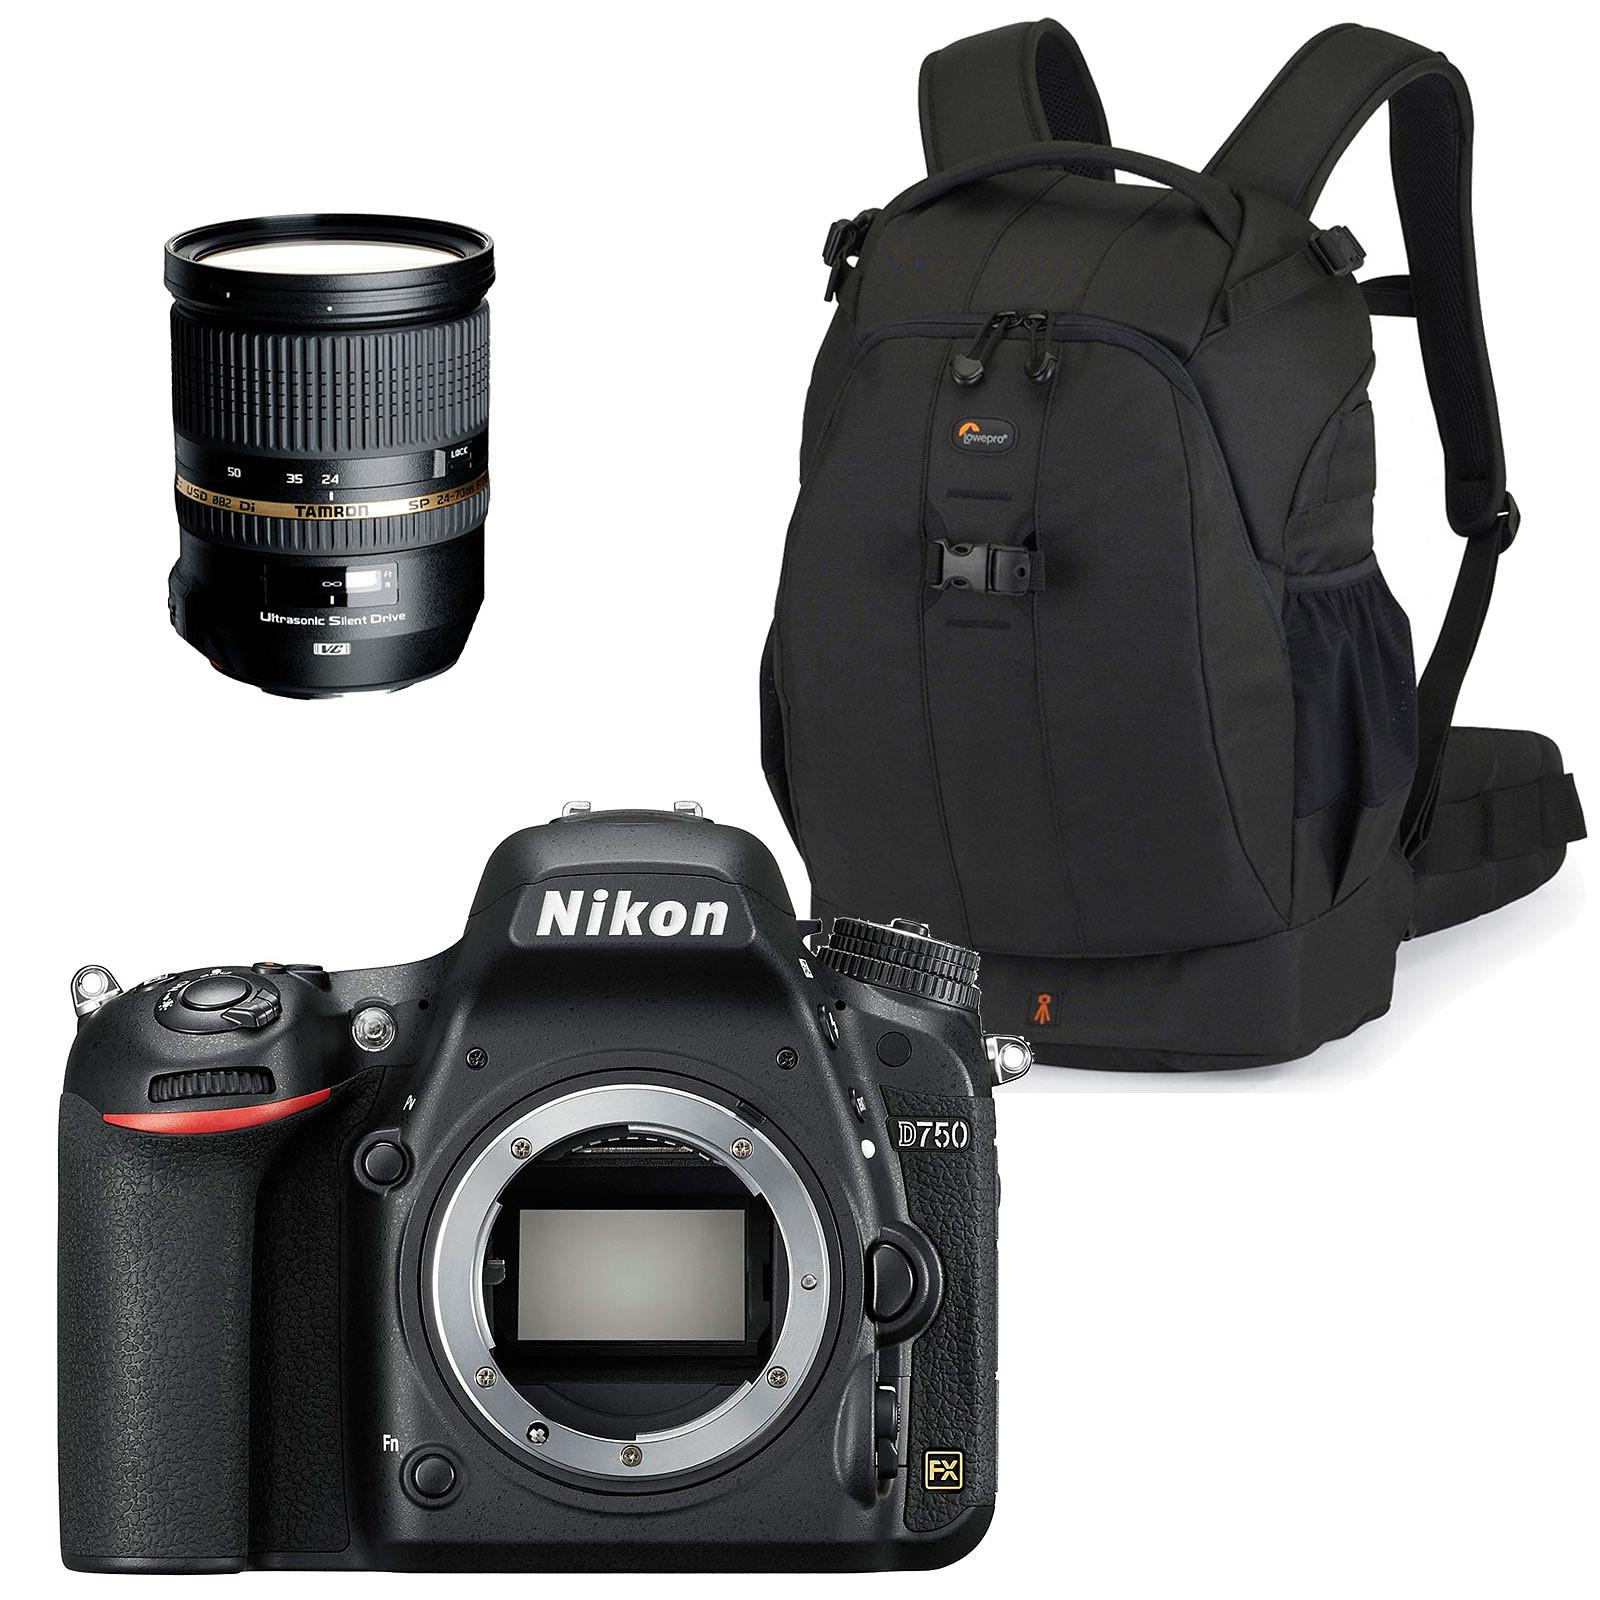 Nikon D750 + Tamron SP 24-70 mm F/2,8 Di VC USD + Lowepro Flipside 400 AW